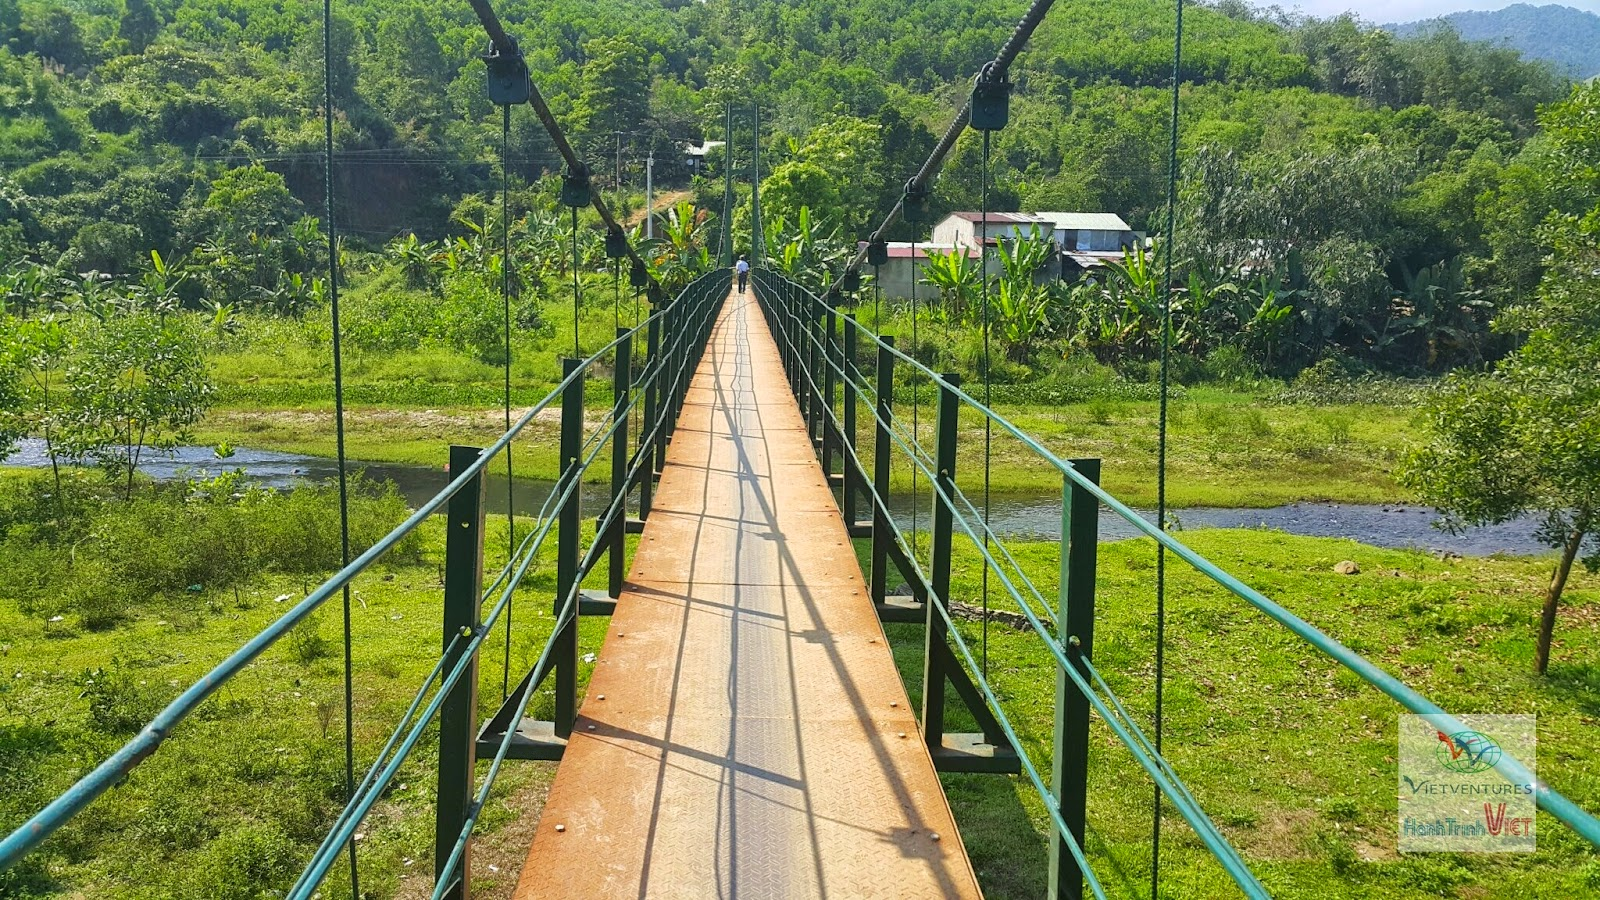 Tham quan thôn Tà Vạc, Huyện Đông Giang, Quảng Nam